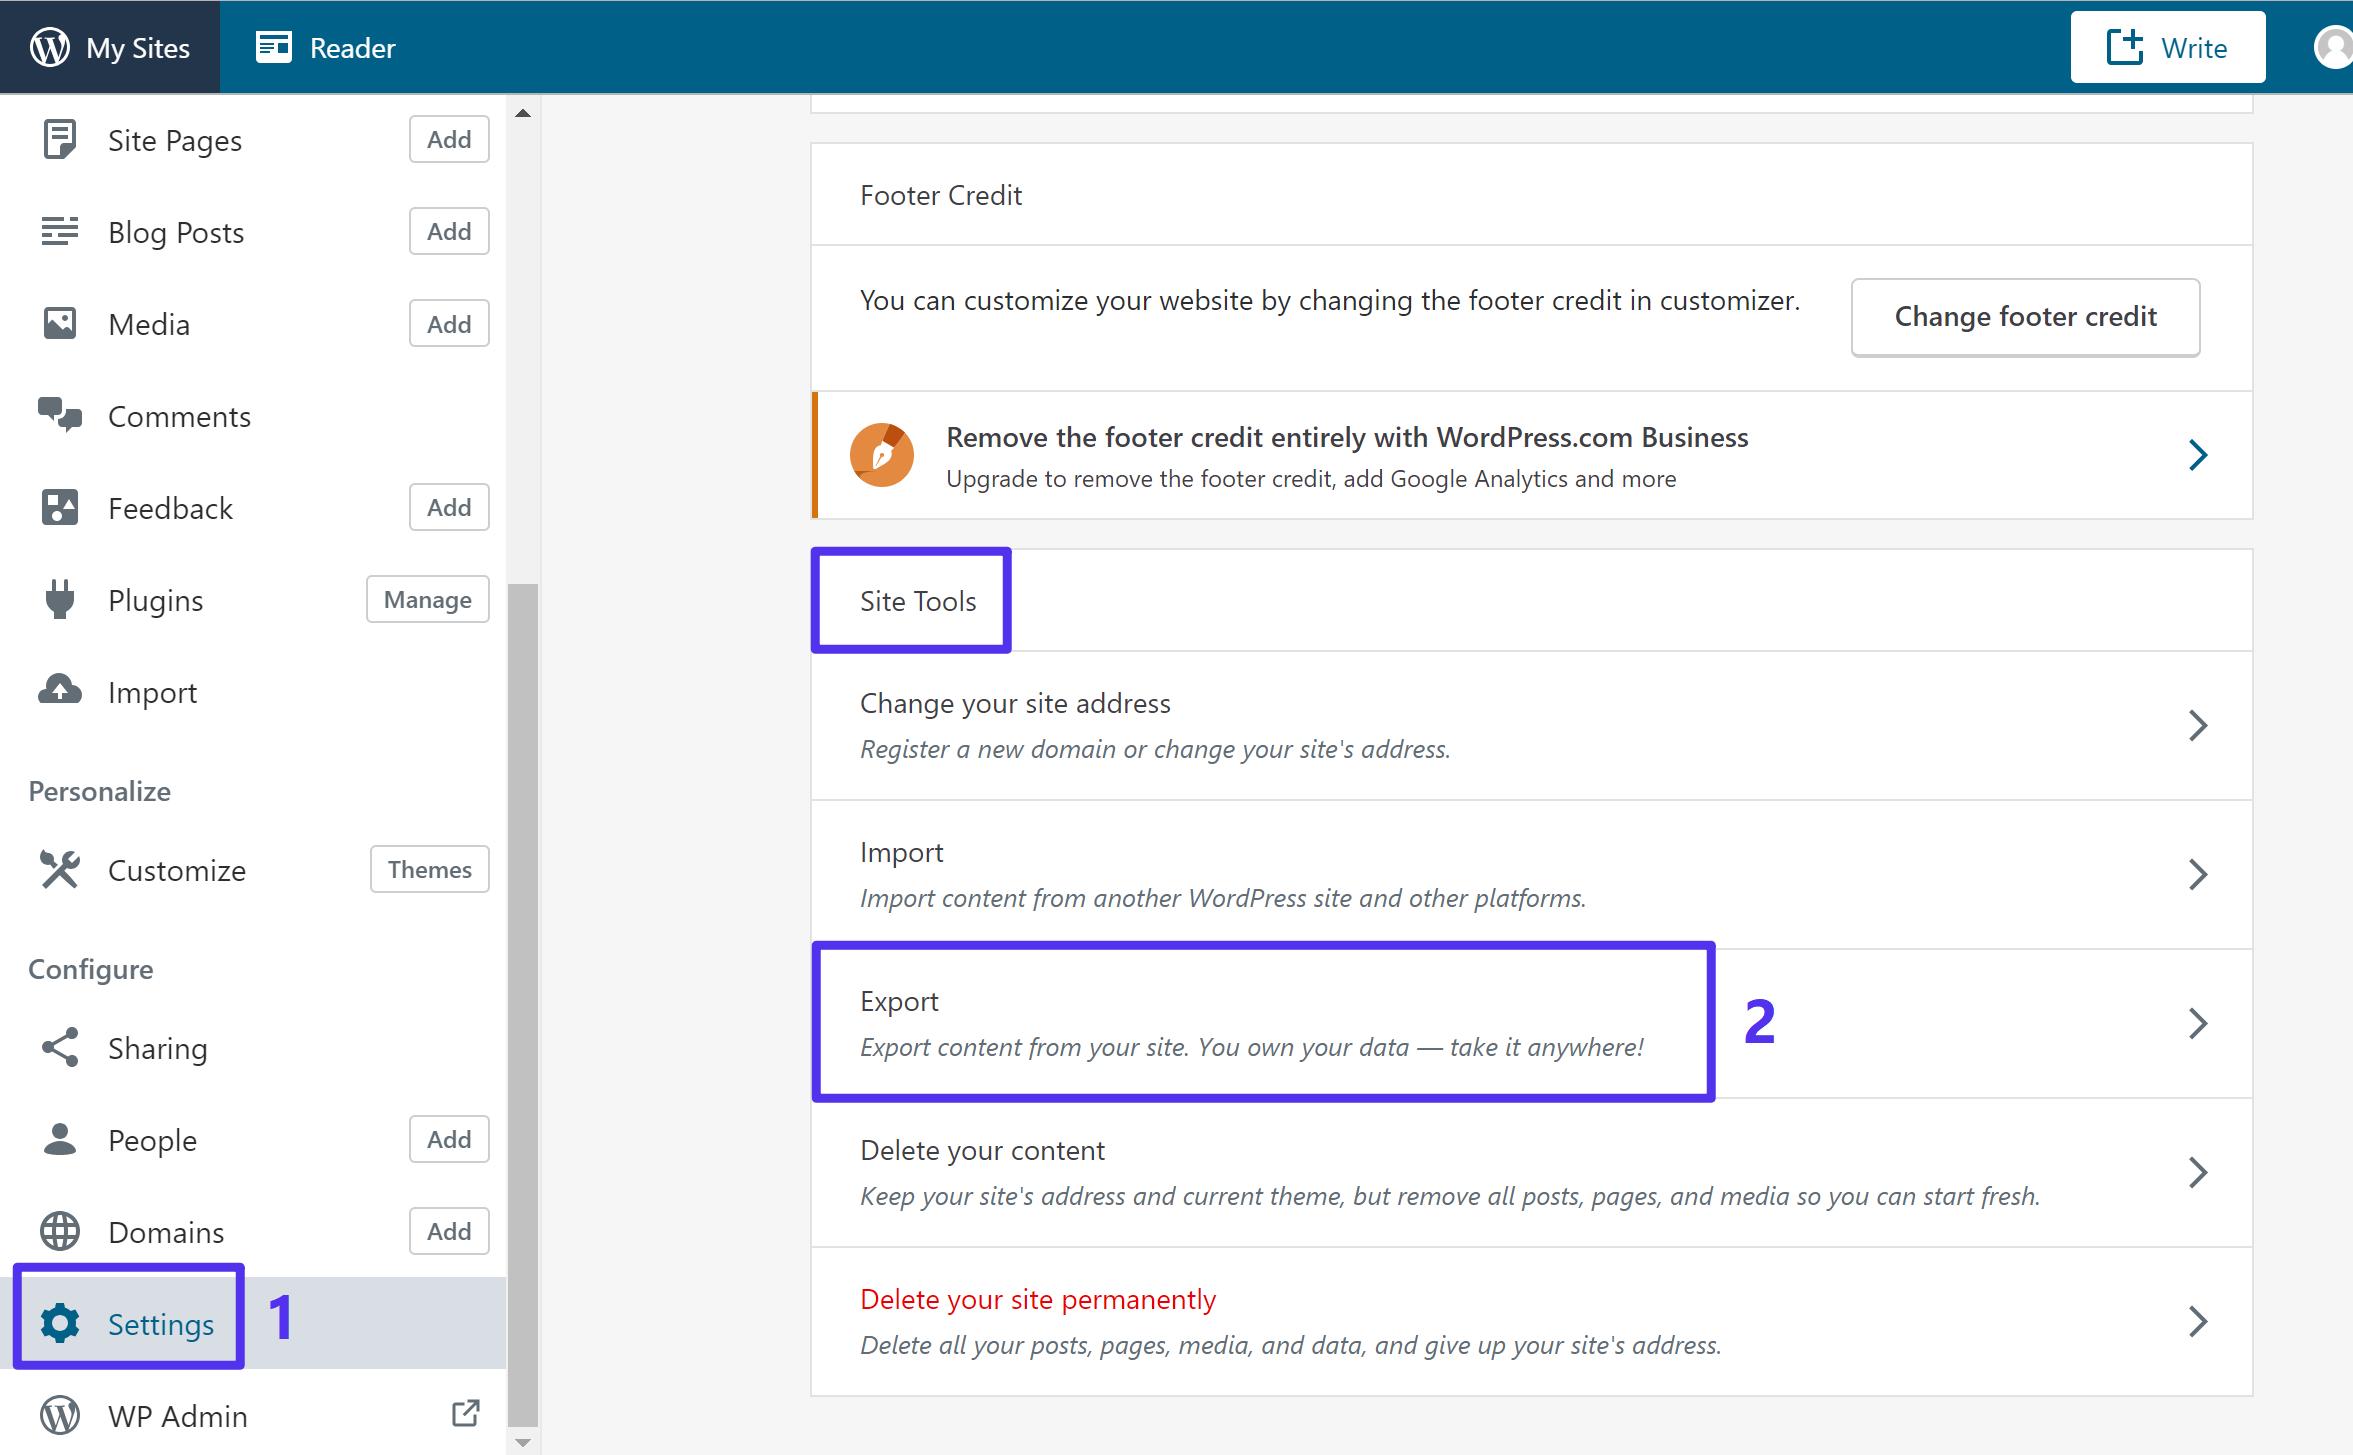 Access the WordPress.com Export settings